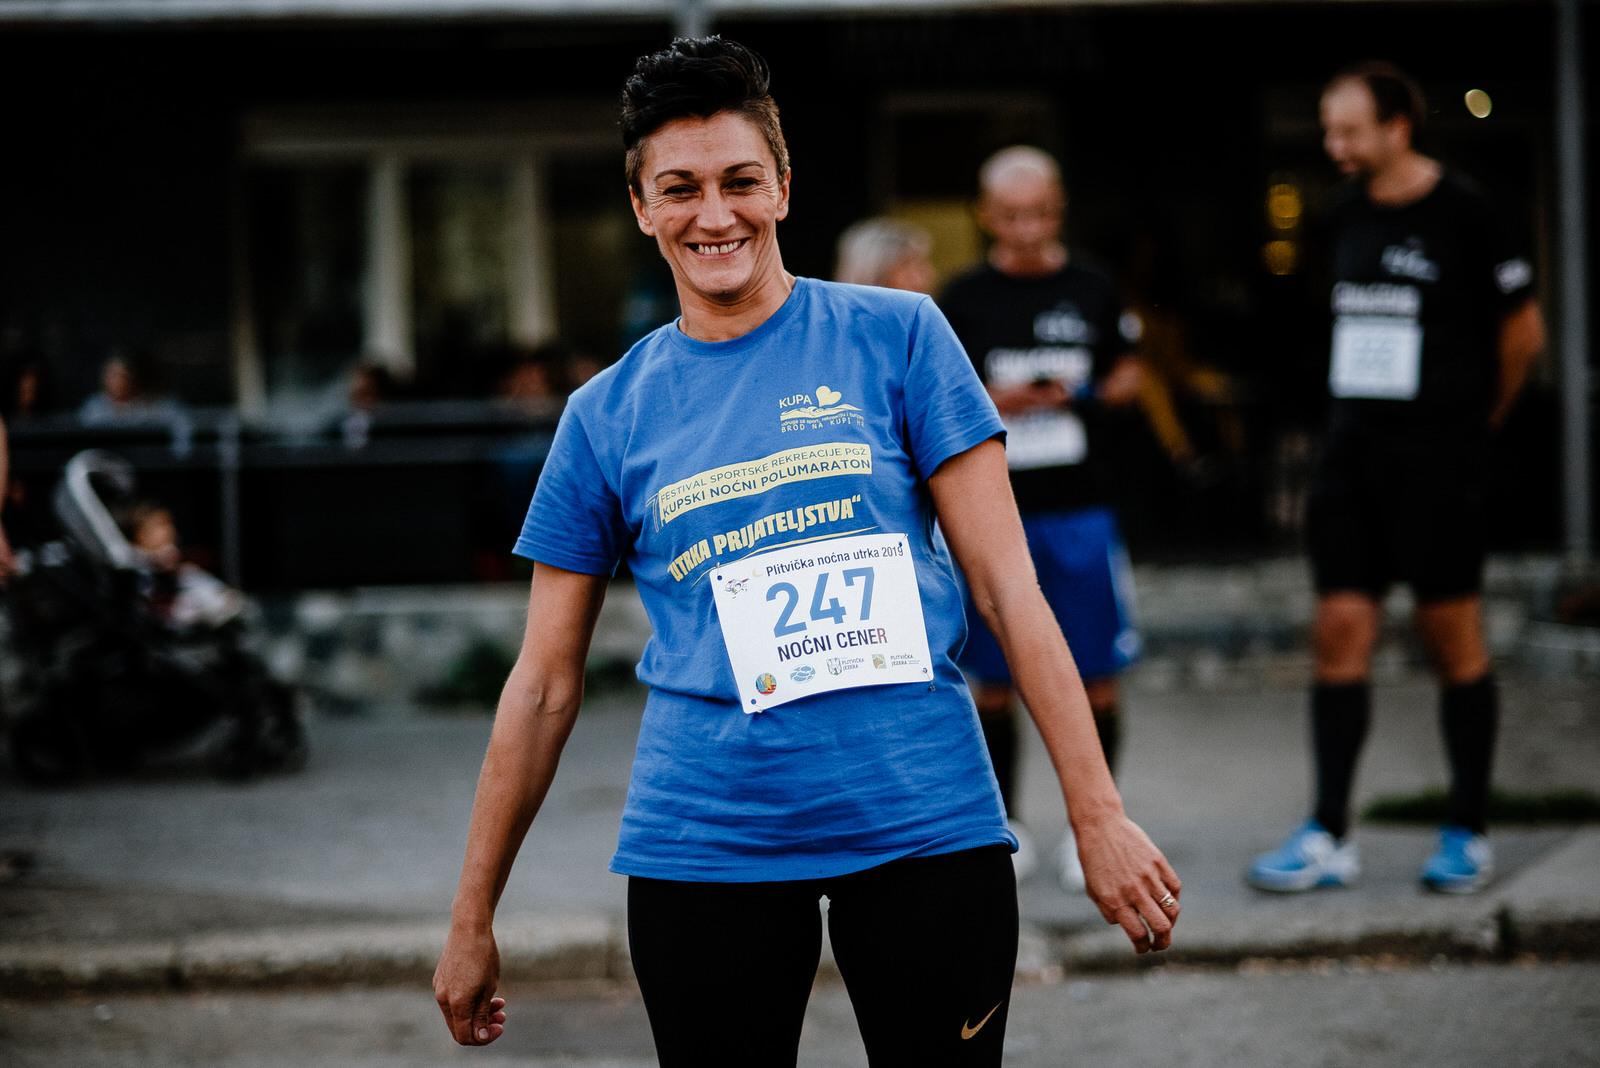 likaclub_korenica_noćna-utrka-2019-14